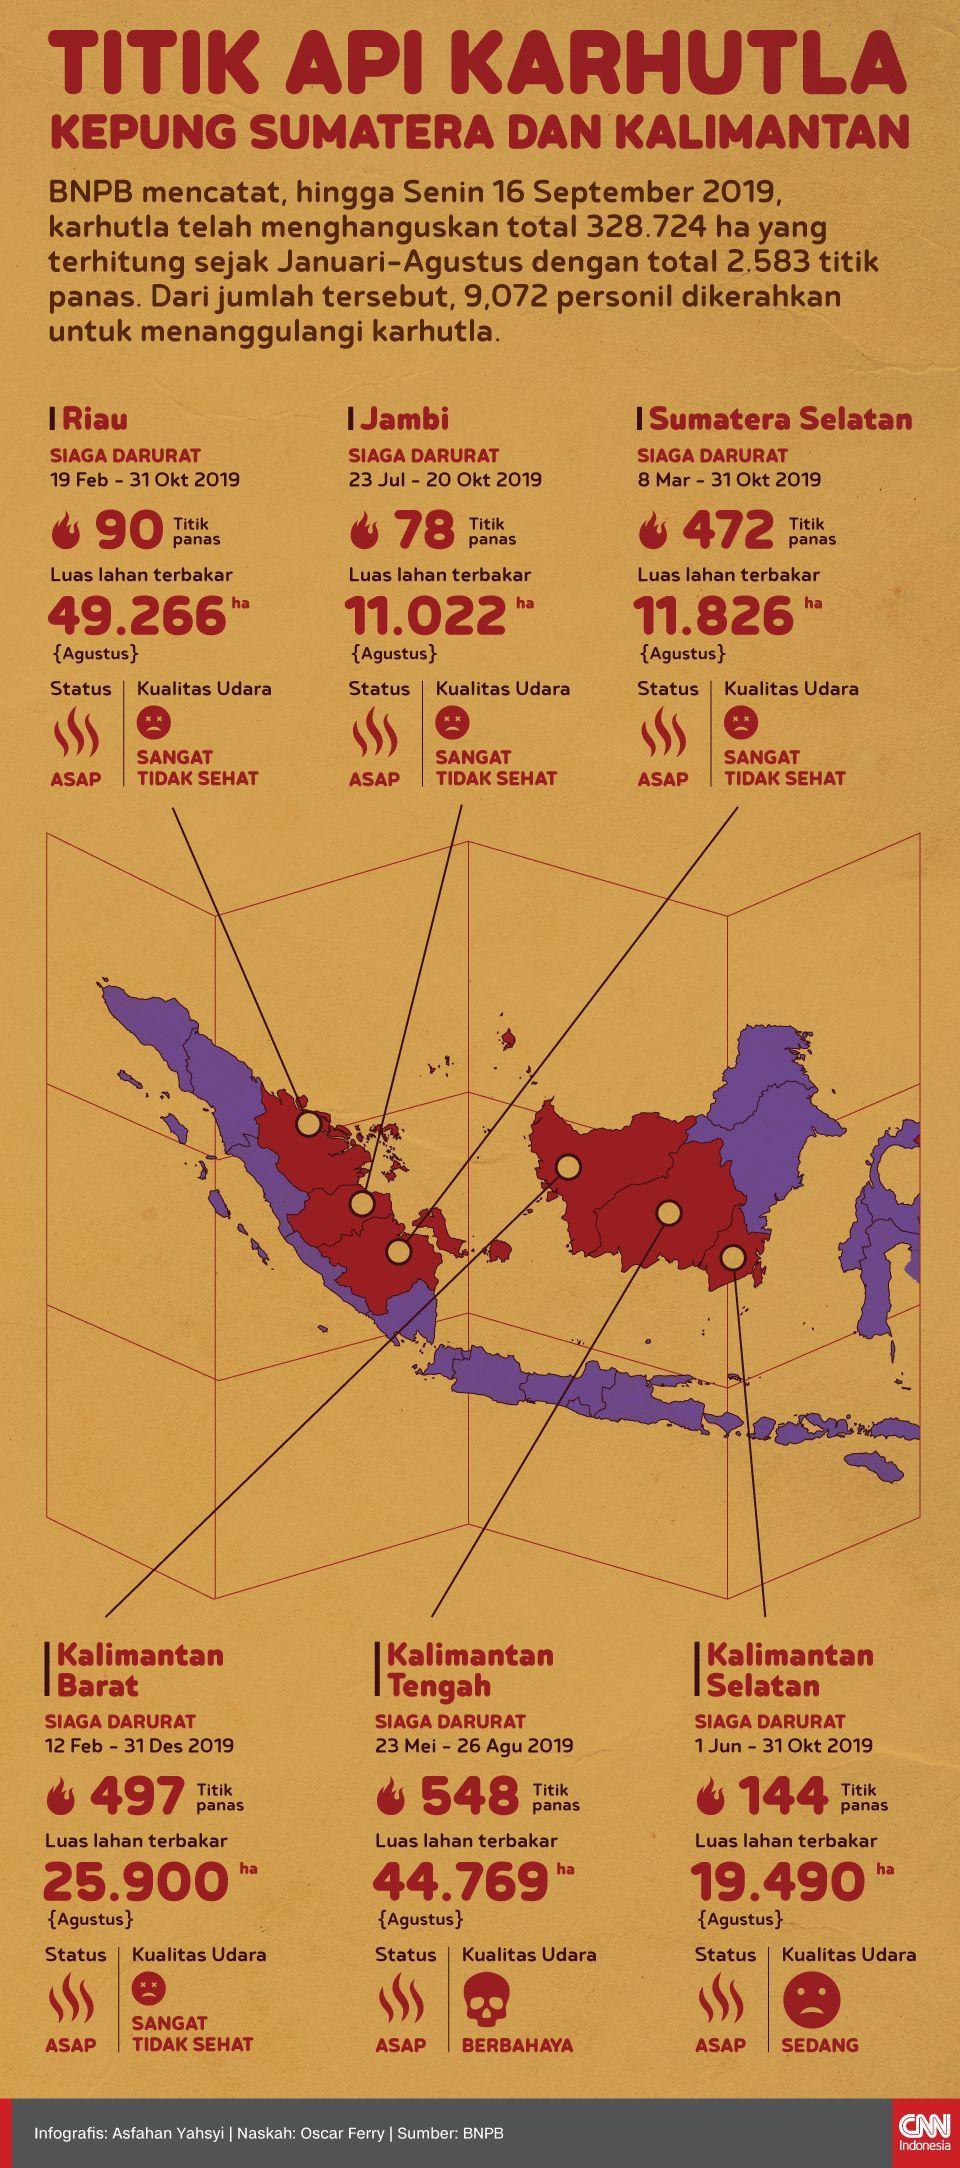 Infografis Titik Api Karhutla Kepung Sumatera dan Kalimantan